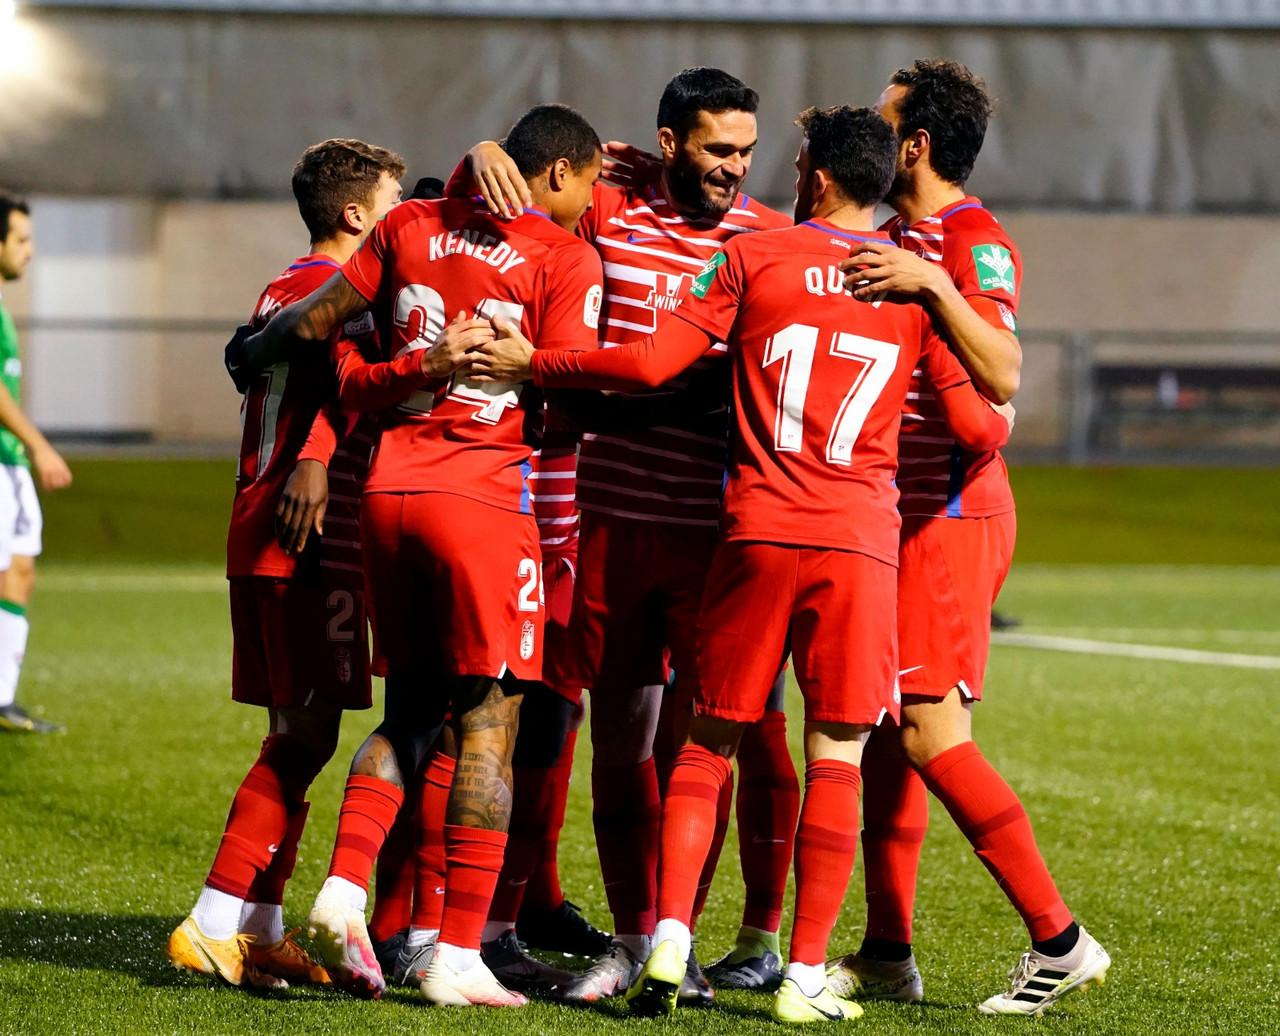 El Granada CF vence plácidamente al San Juan con un estelar Aranda